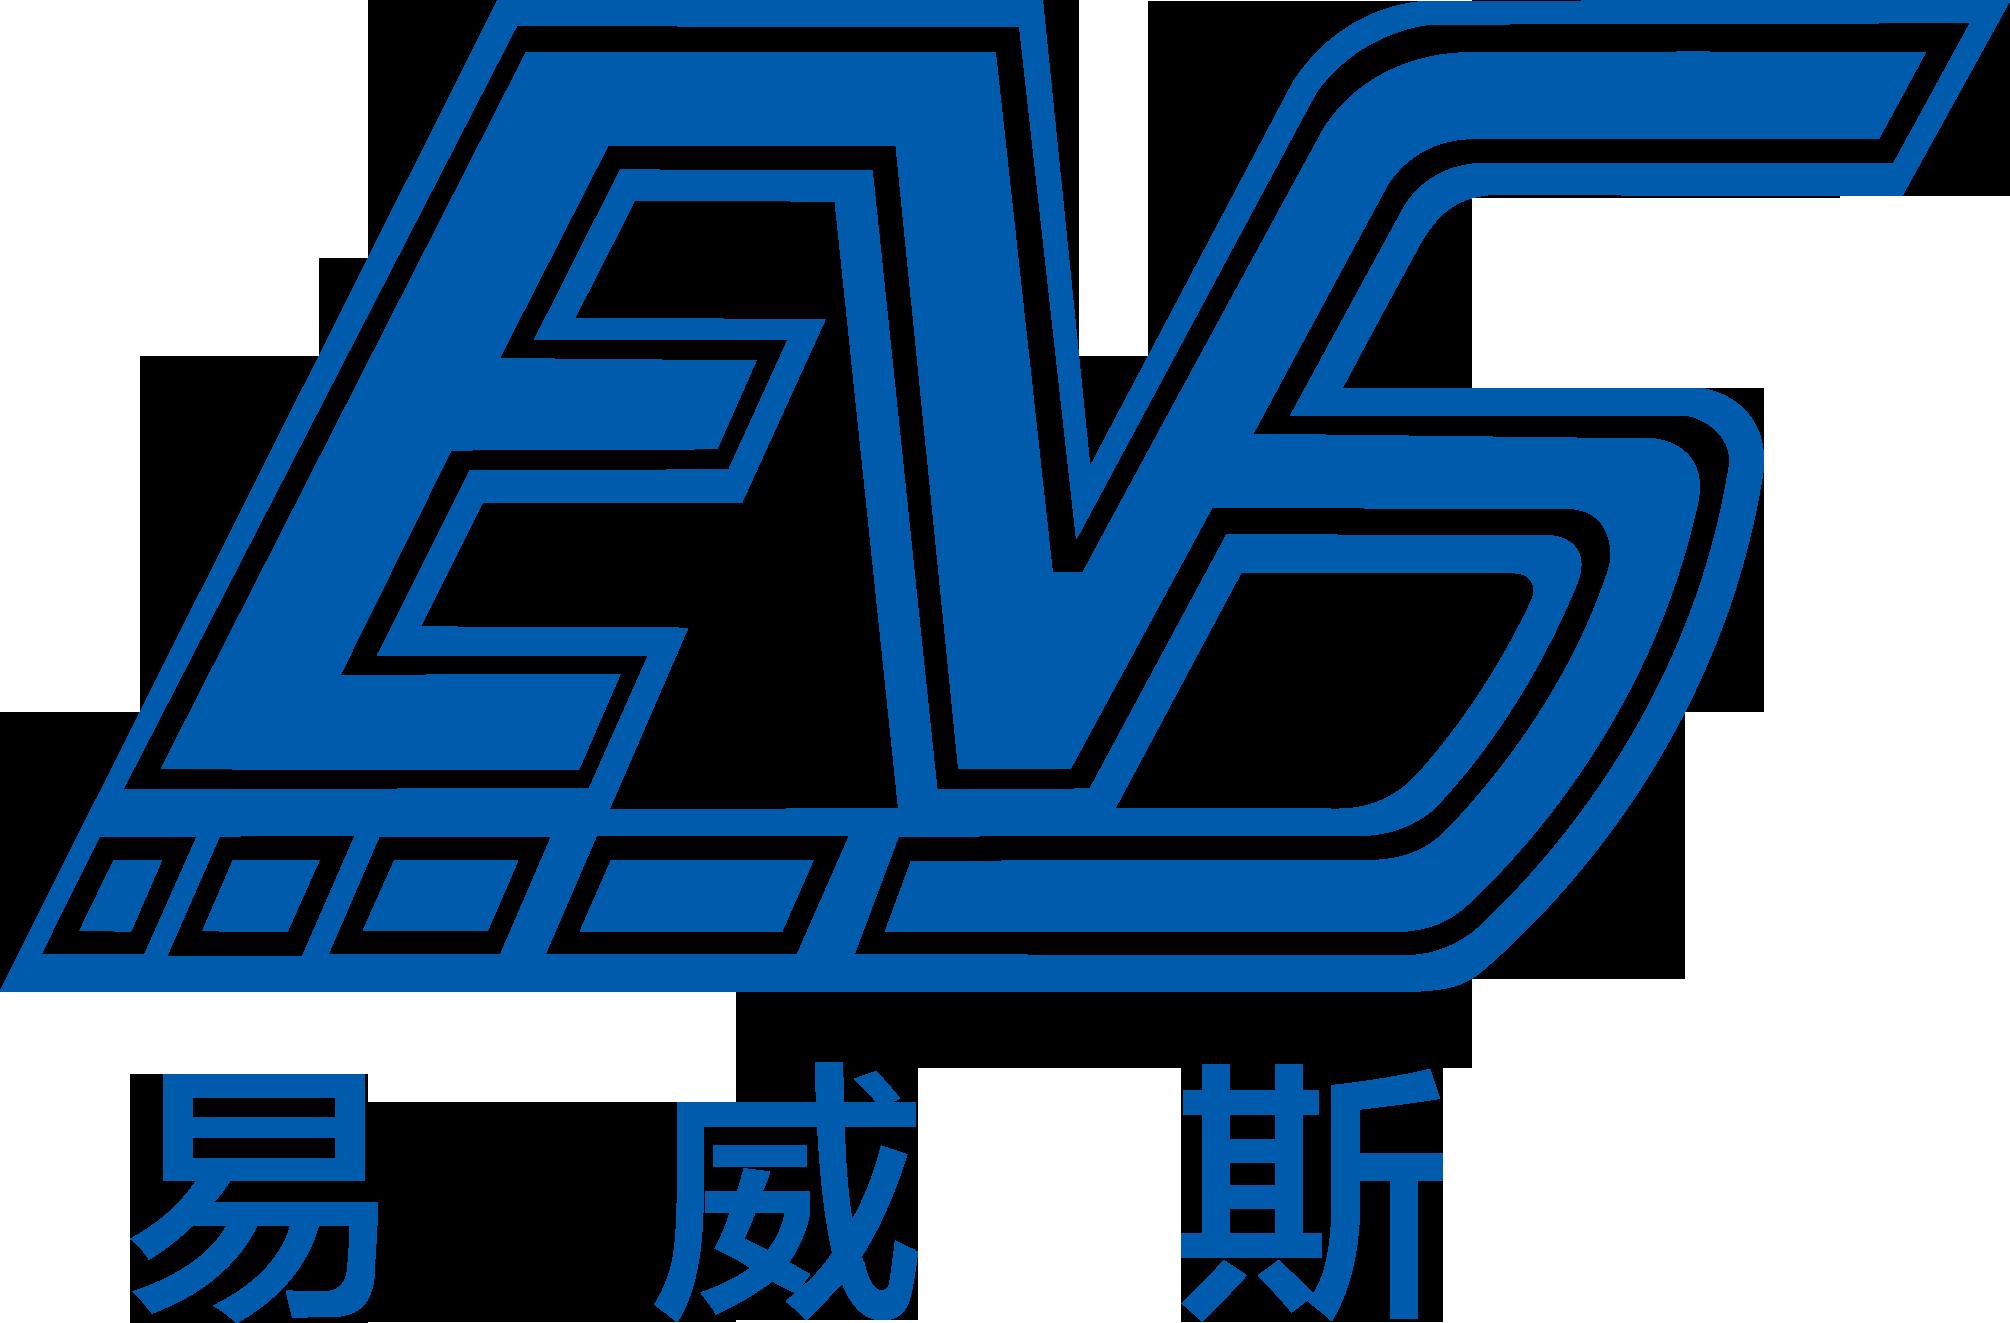 安徽易威斯新能源科技股份有限公司